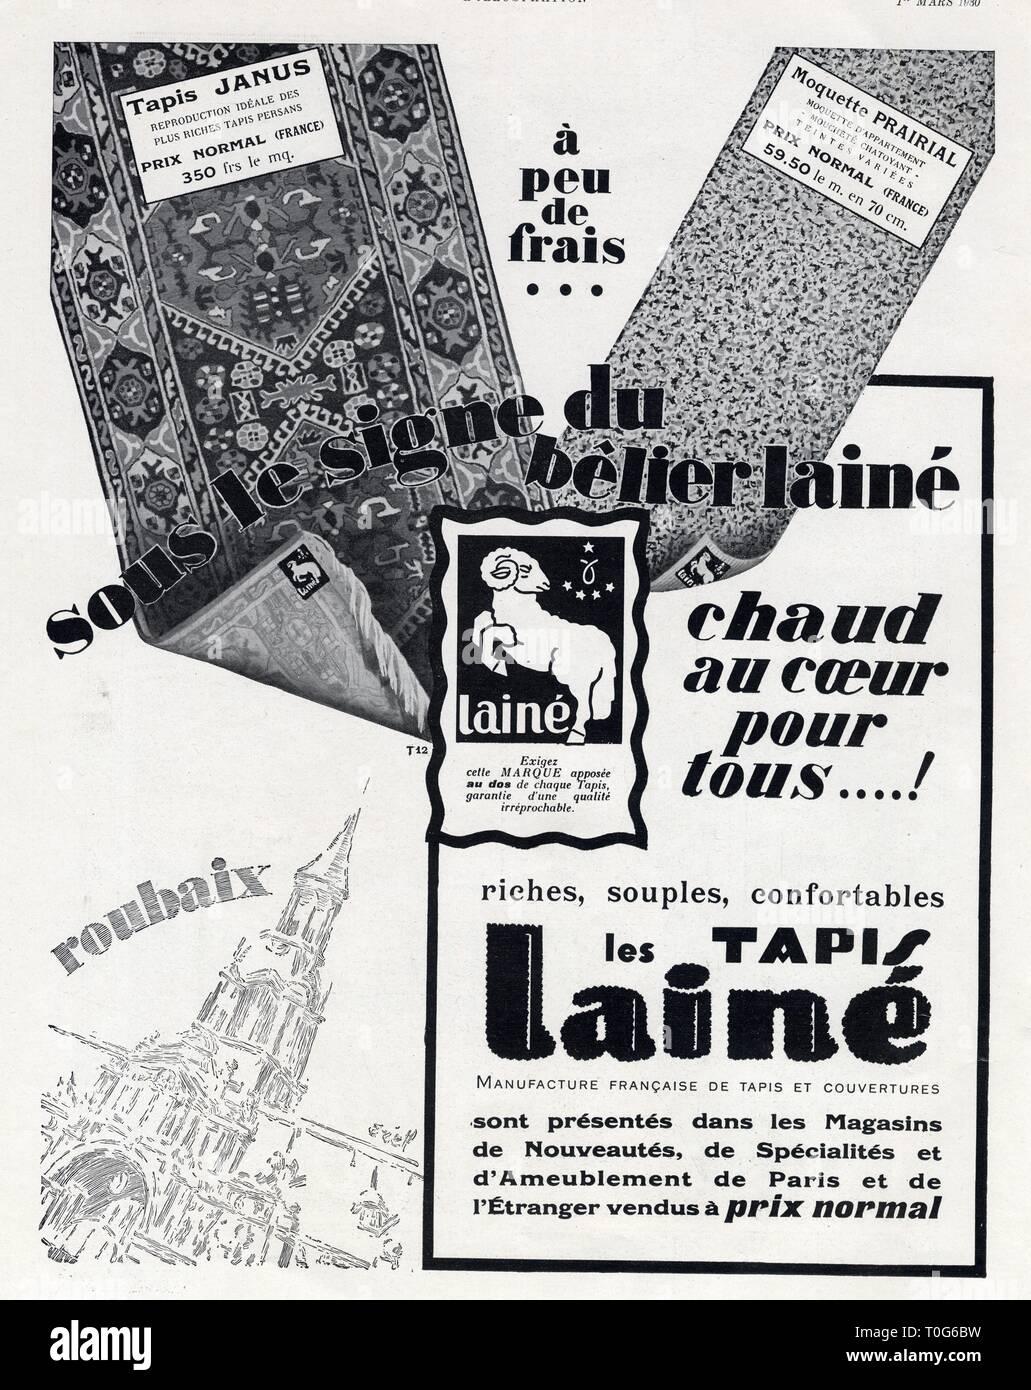 Manufacture Francaise Des Textiles D Ameublement 350 cm stock photos & 350 cm stock images - alamy